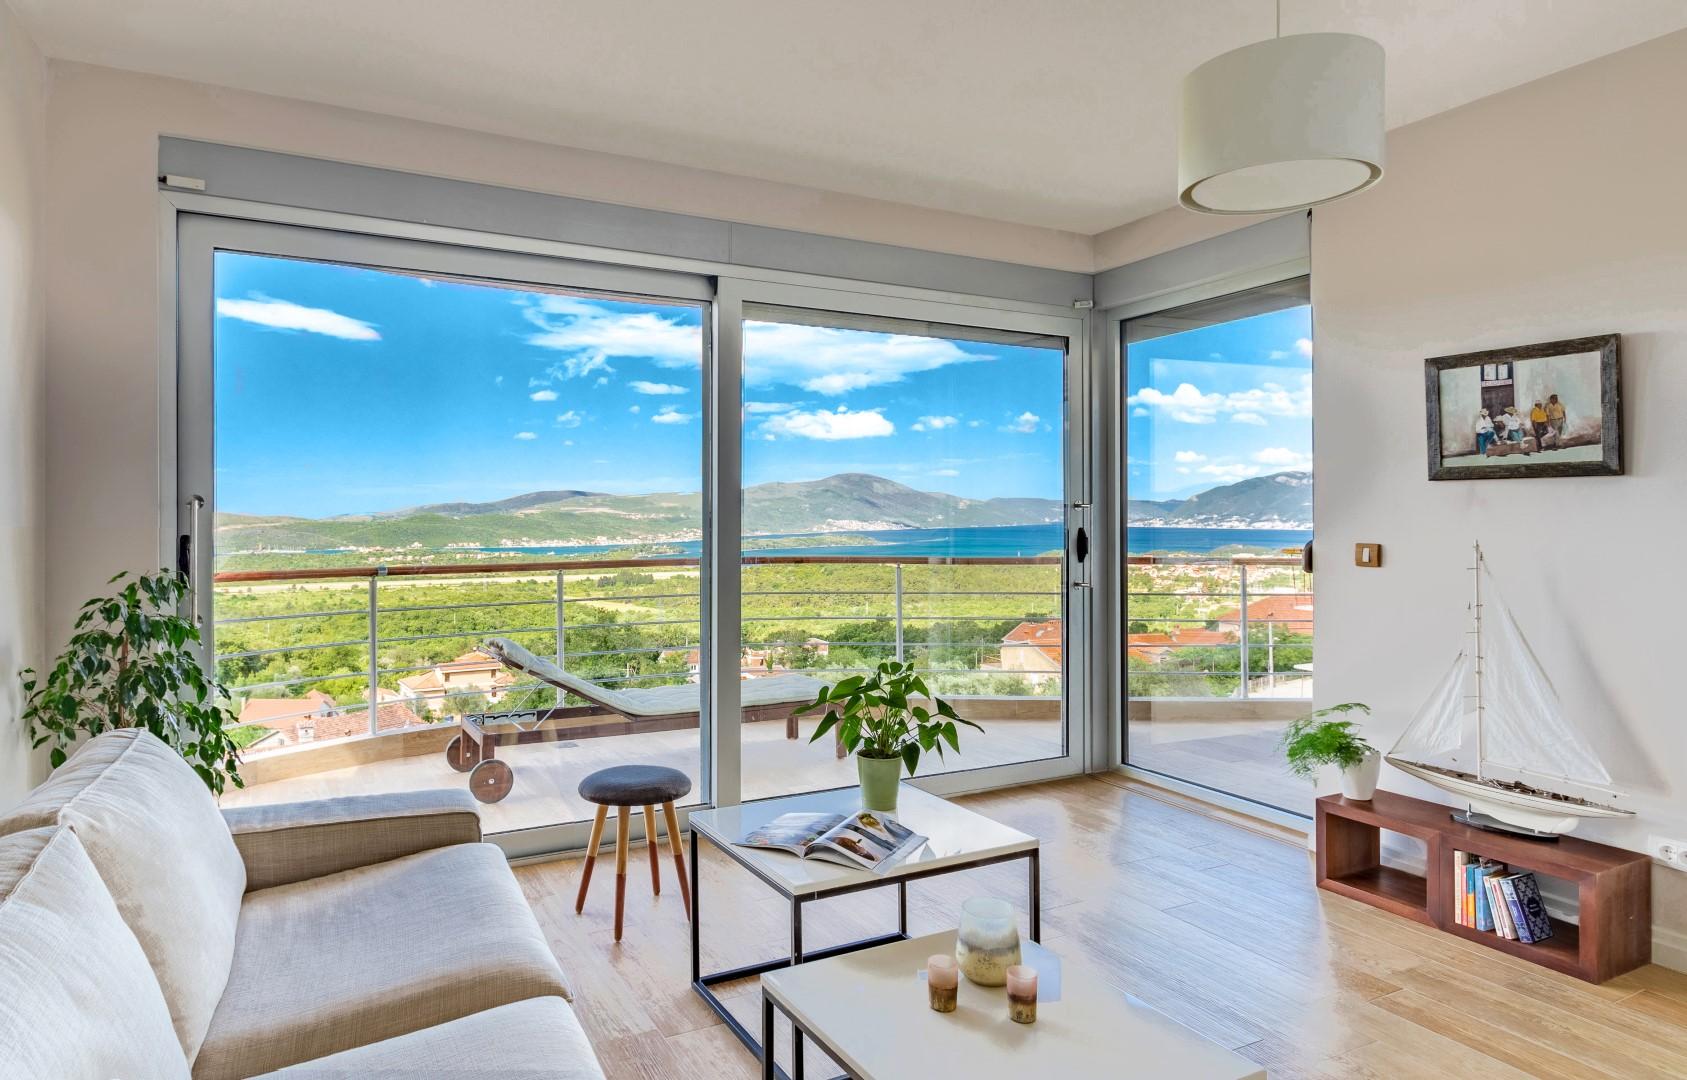 Kotor, Kavac – contemporary apartment with panoramic sea views